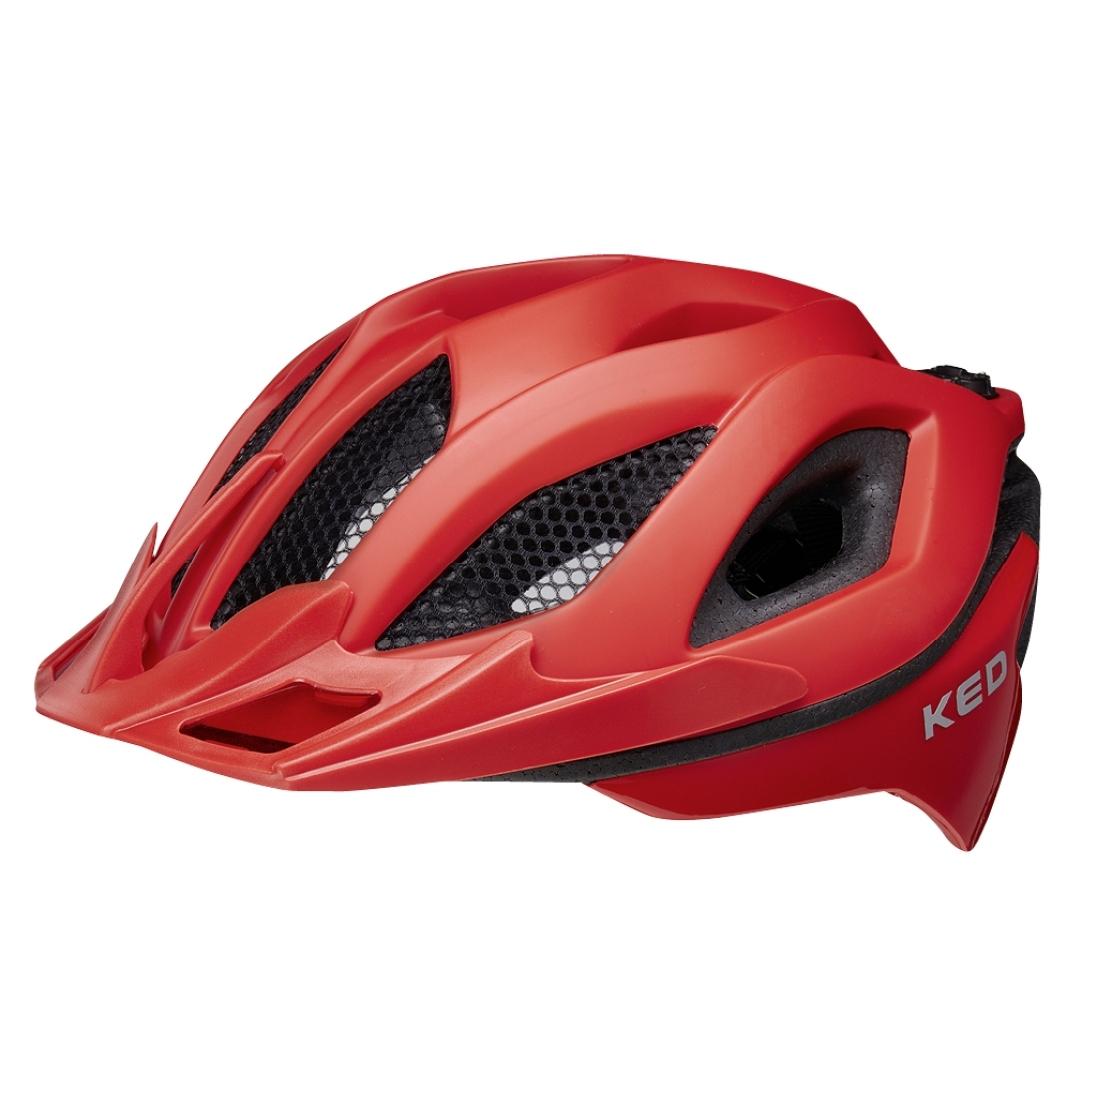 KED Spiri Two Helm - fiery red matt